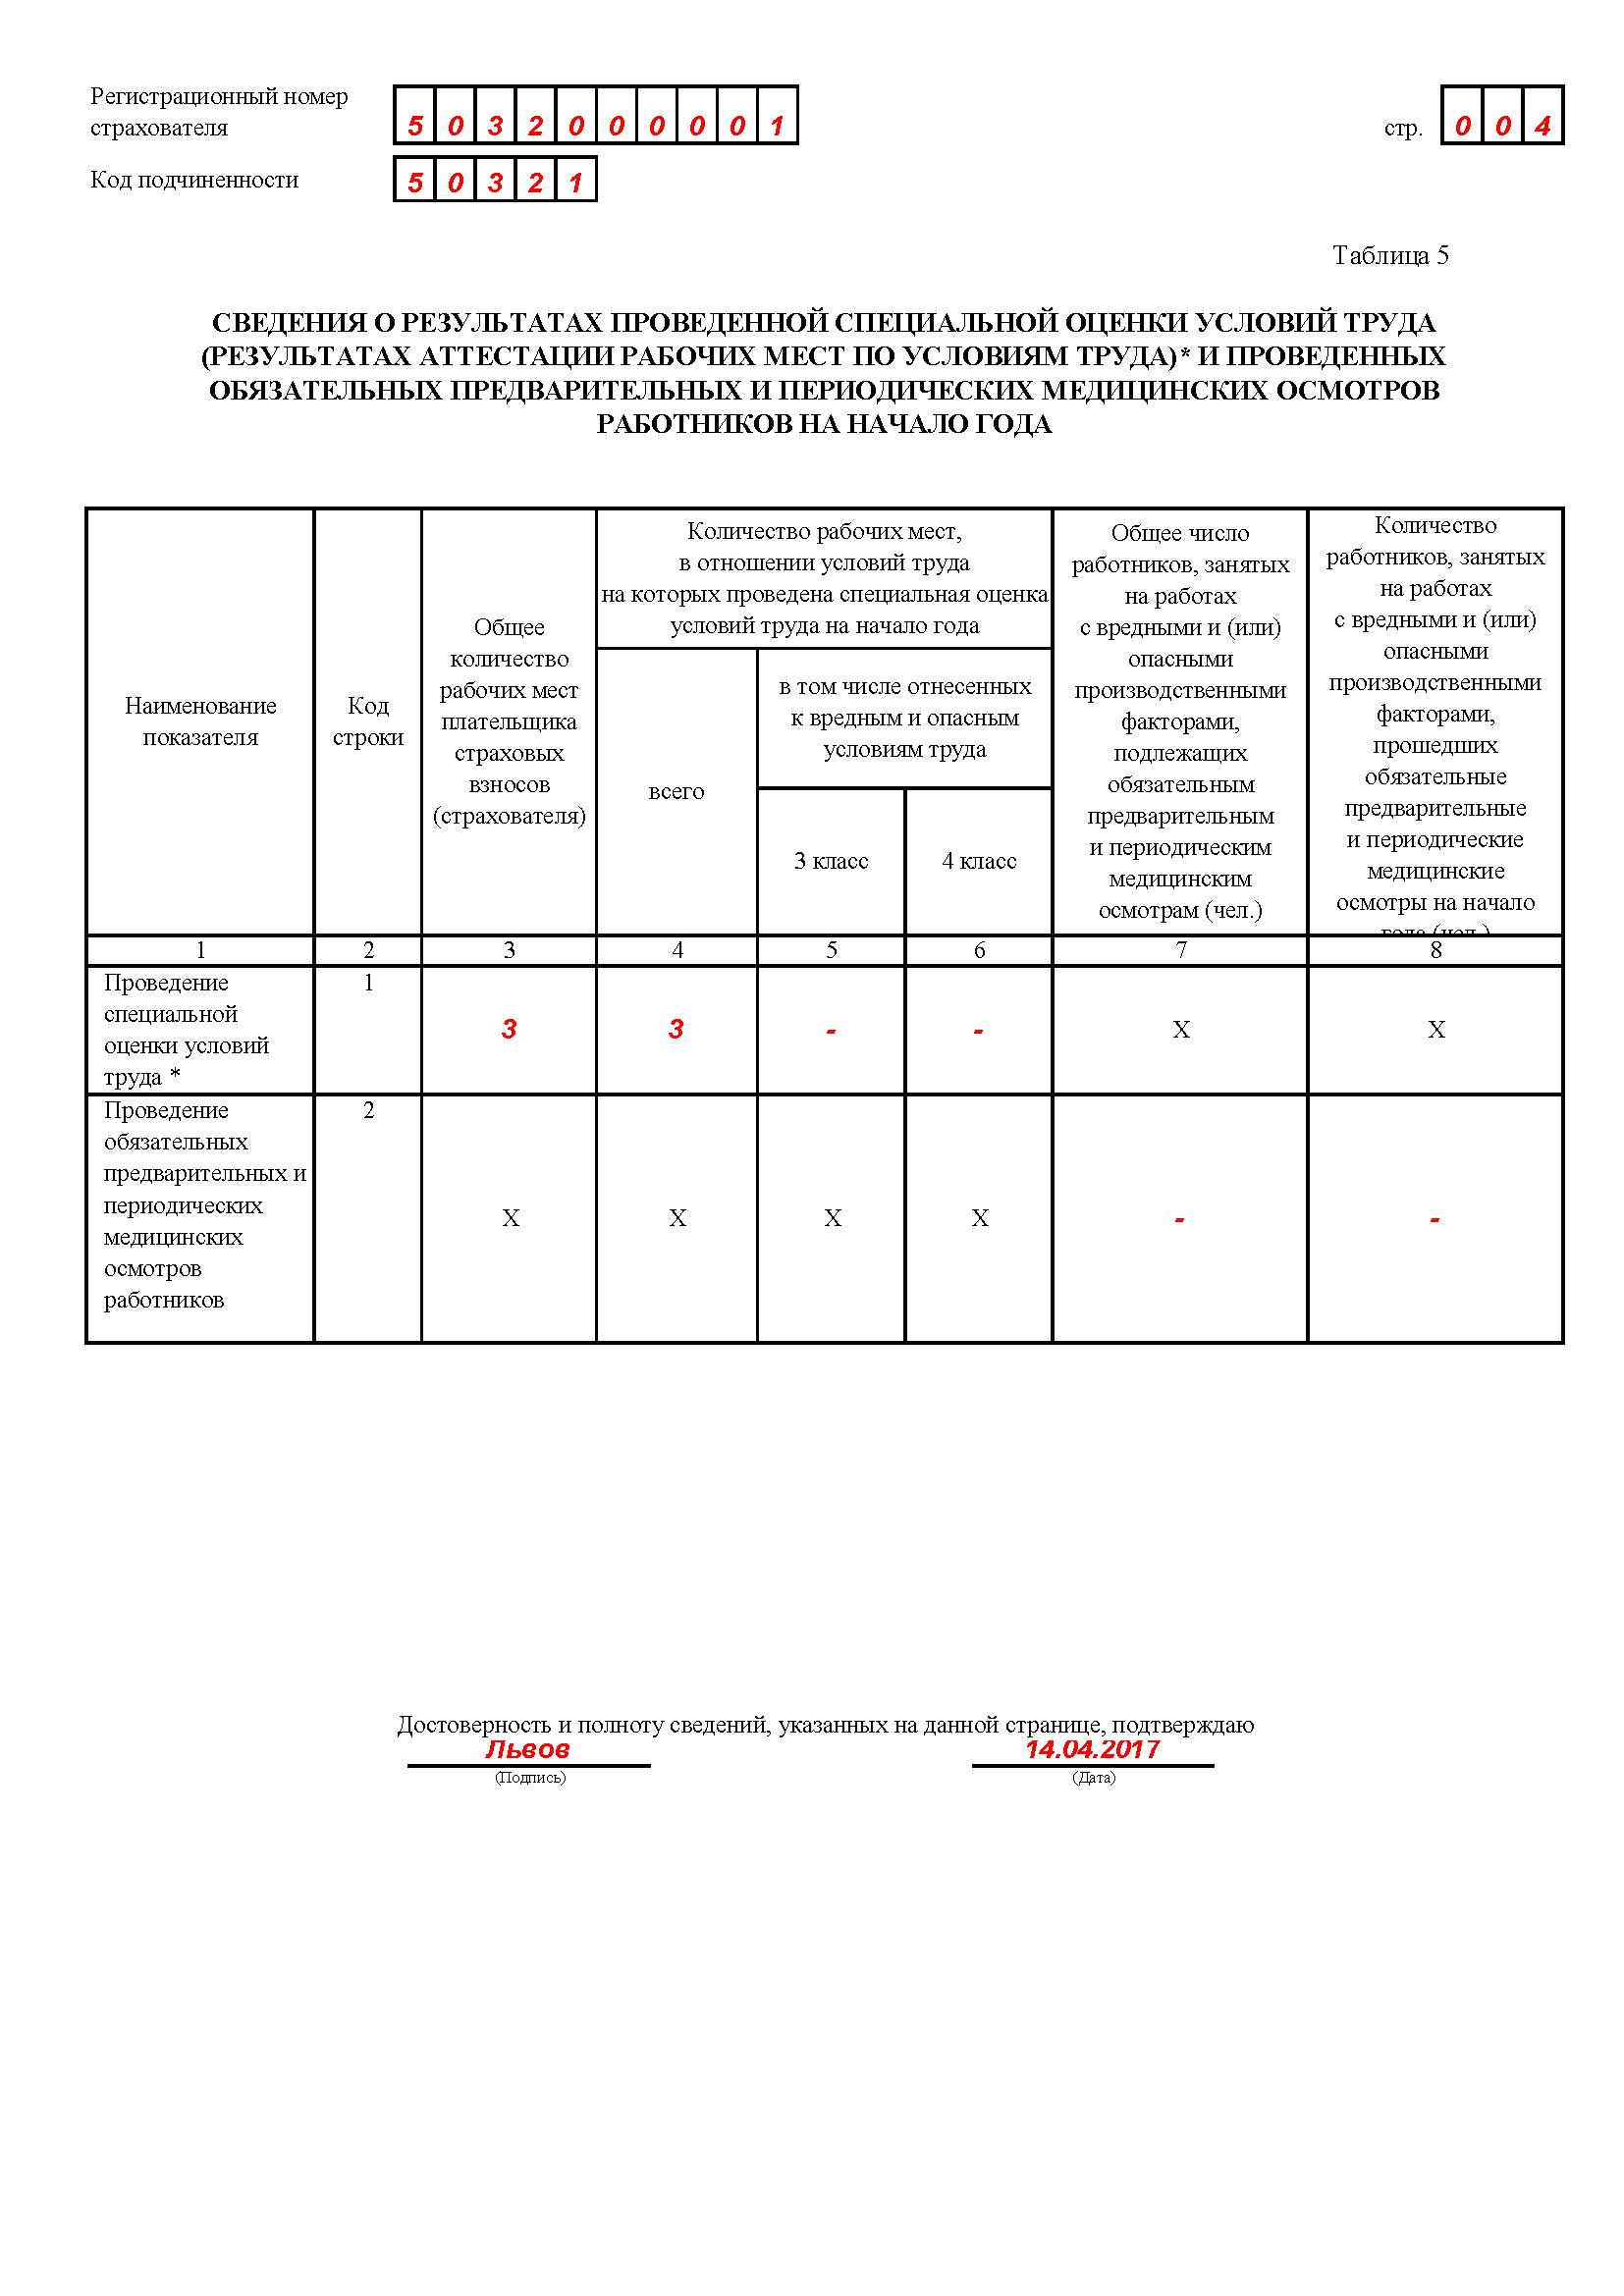 заявление в фсс о постановке на учет (бланк)